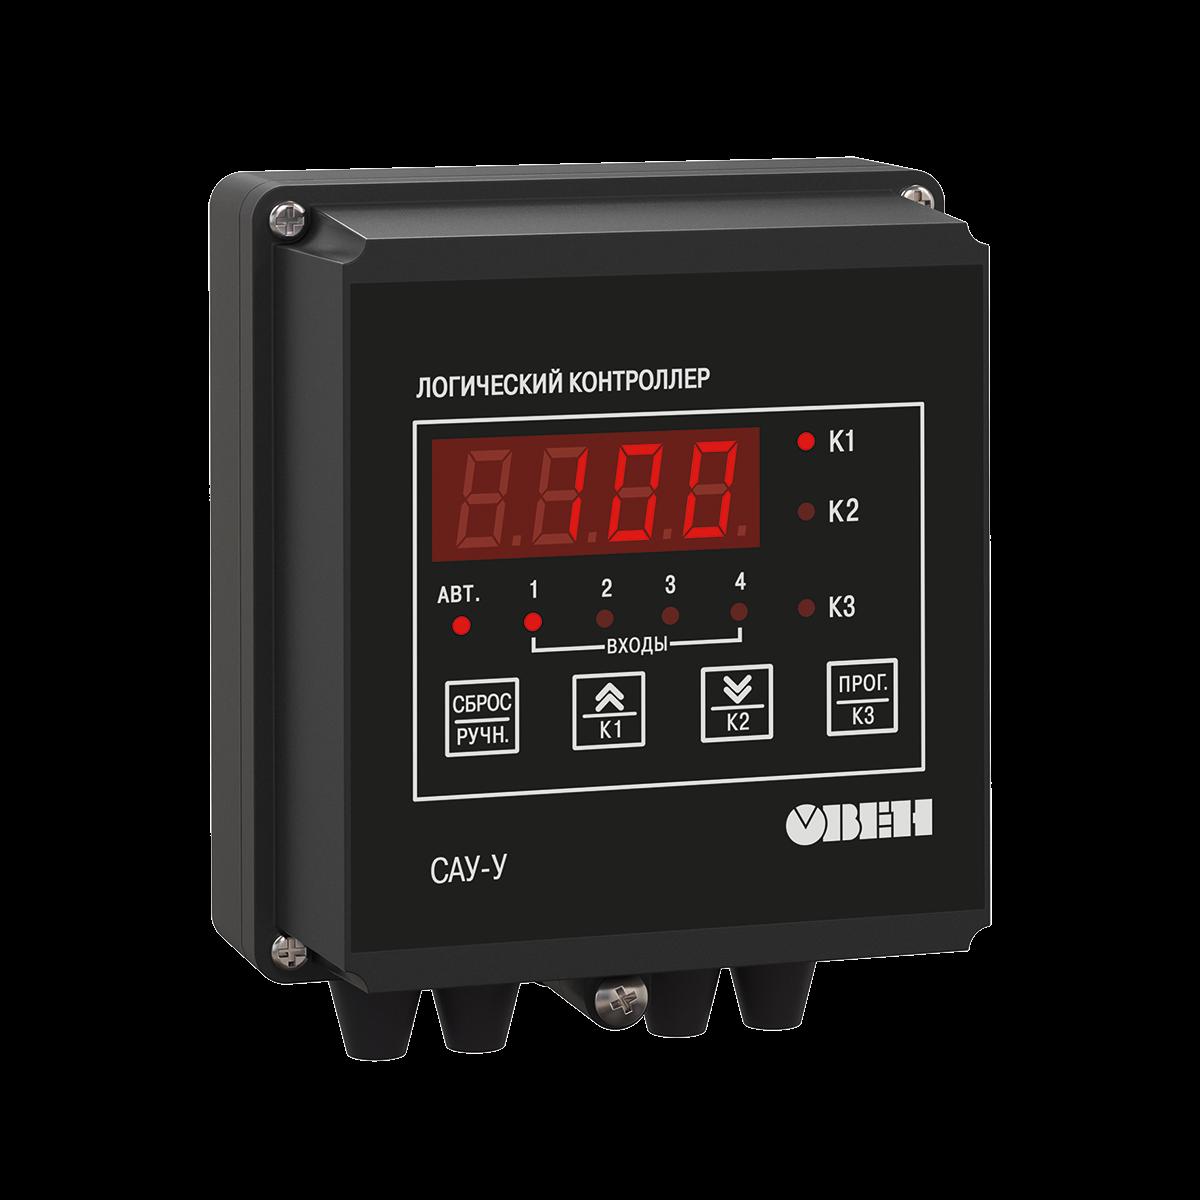 САУ-У контроллер для управления группой насосов с чередованием